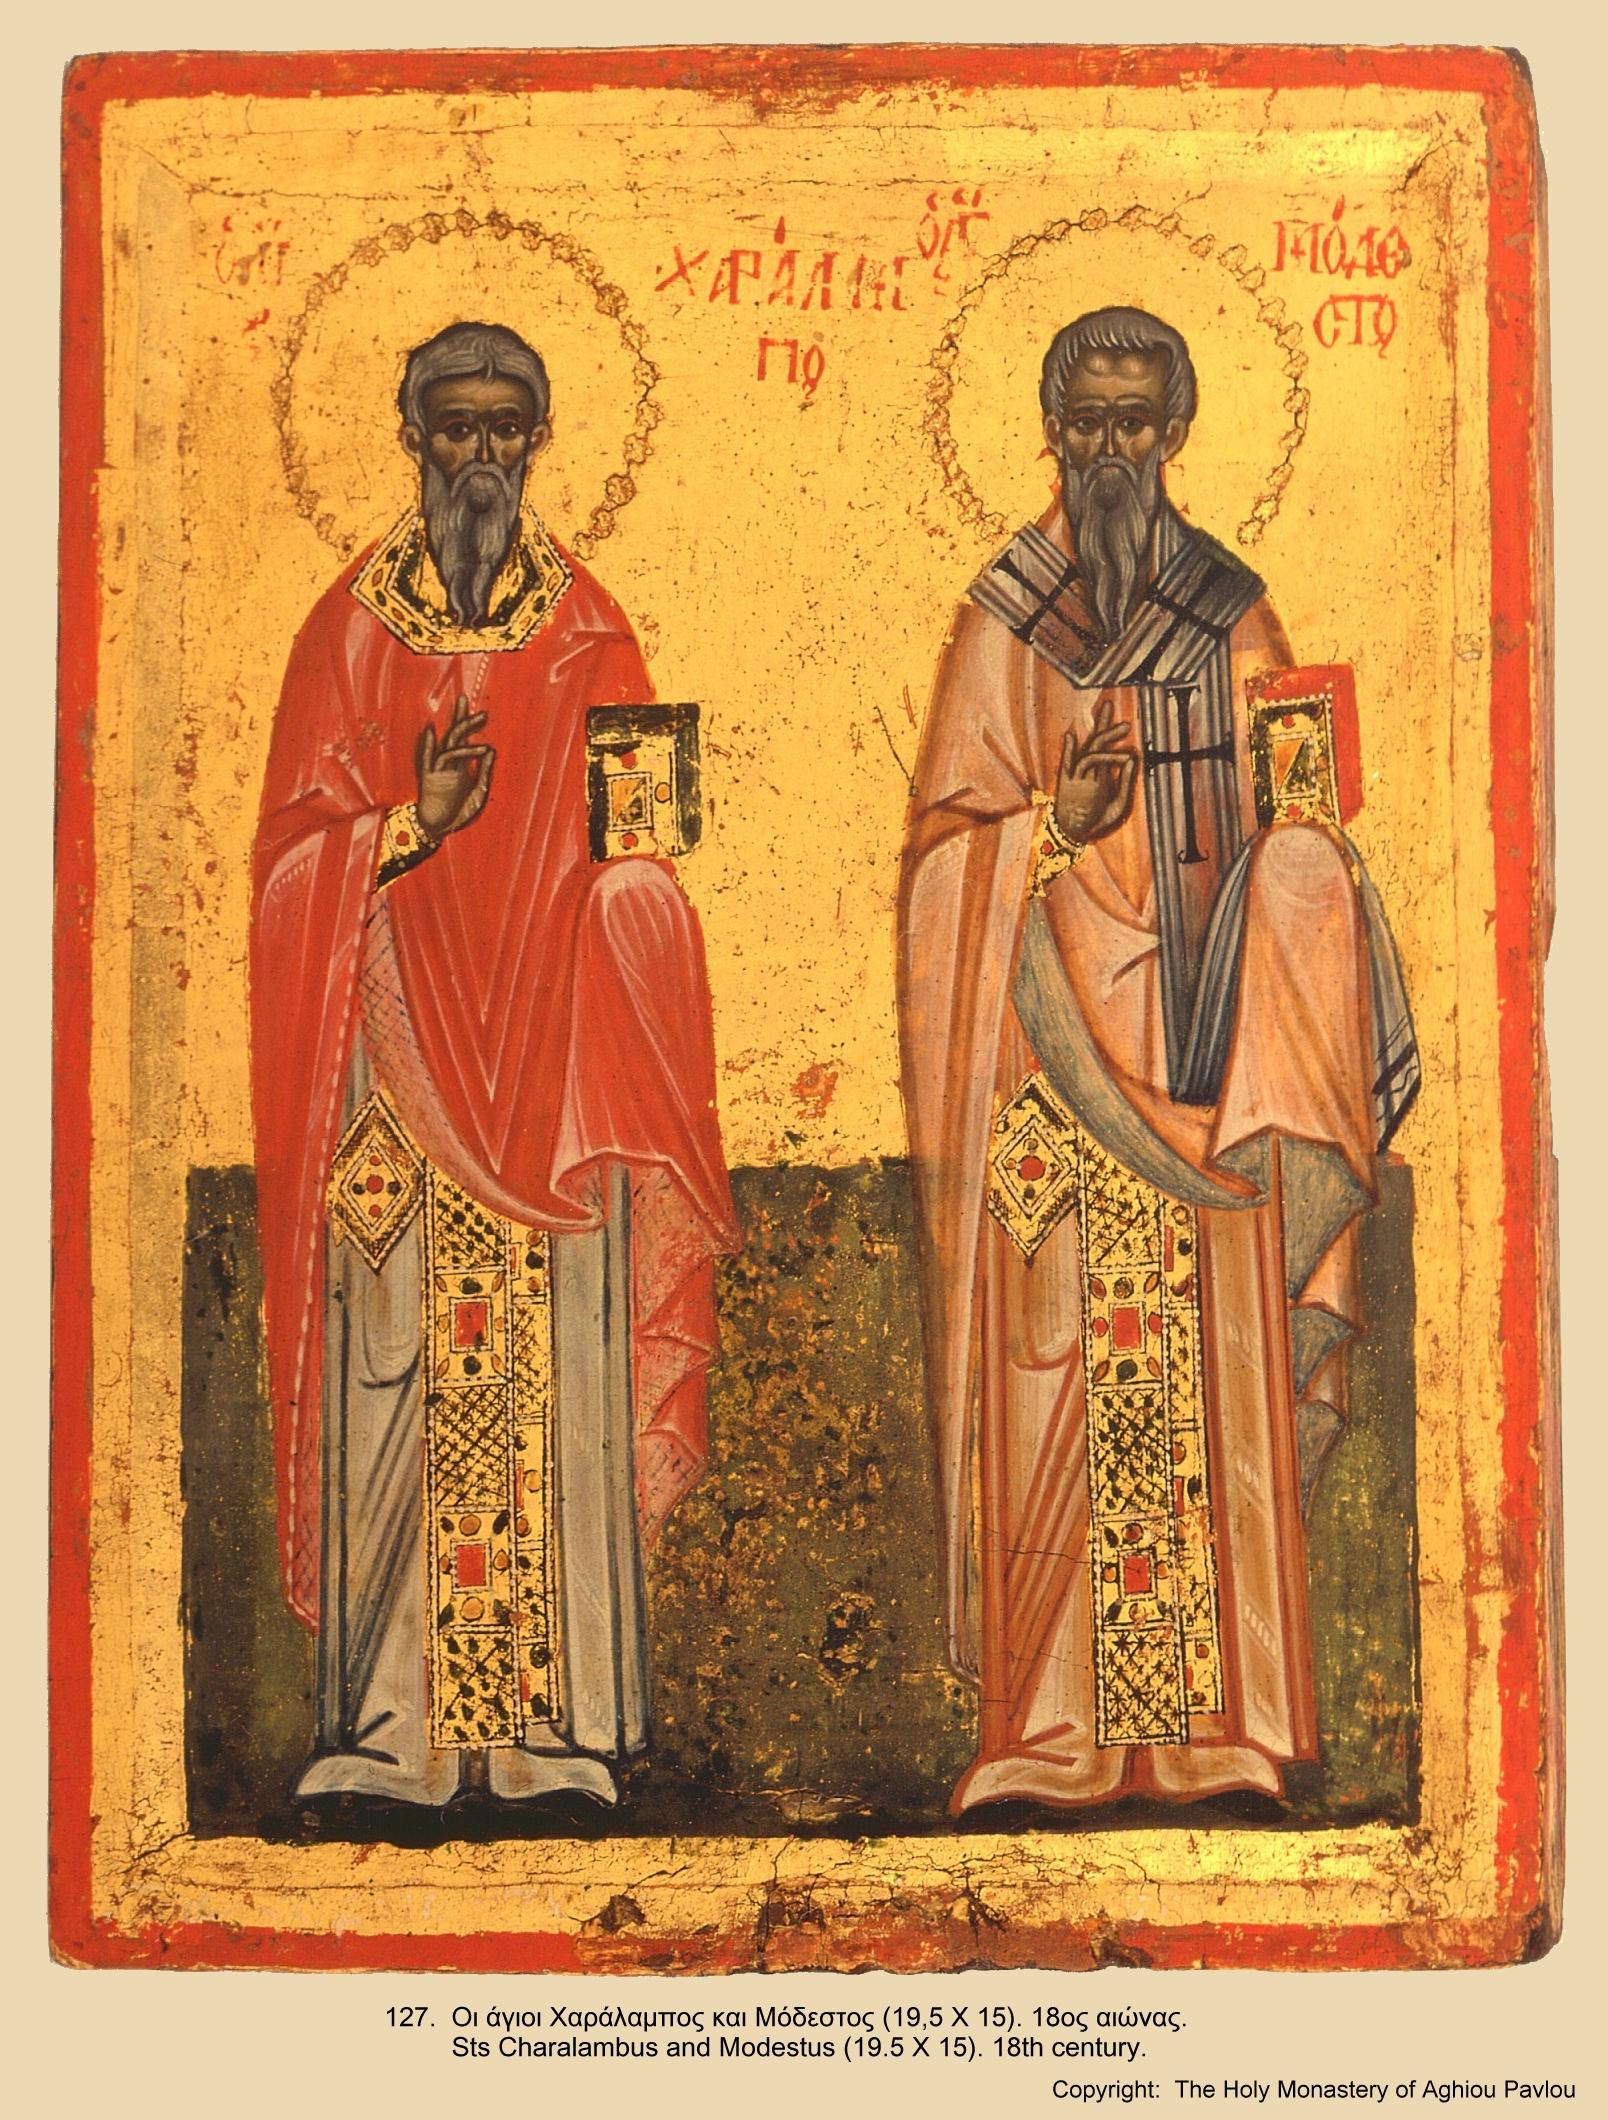 Иконы монастыря св. Павла (126)